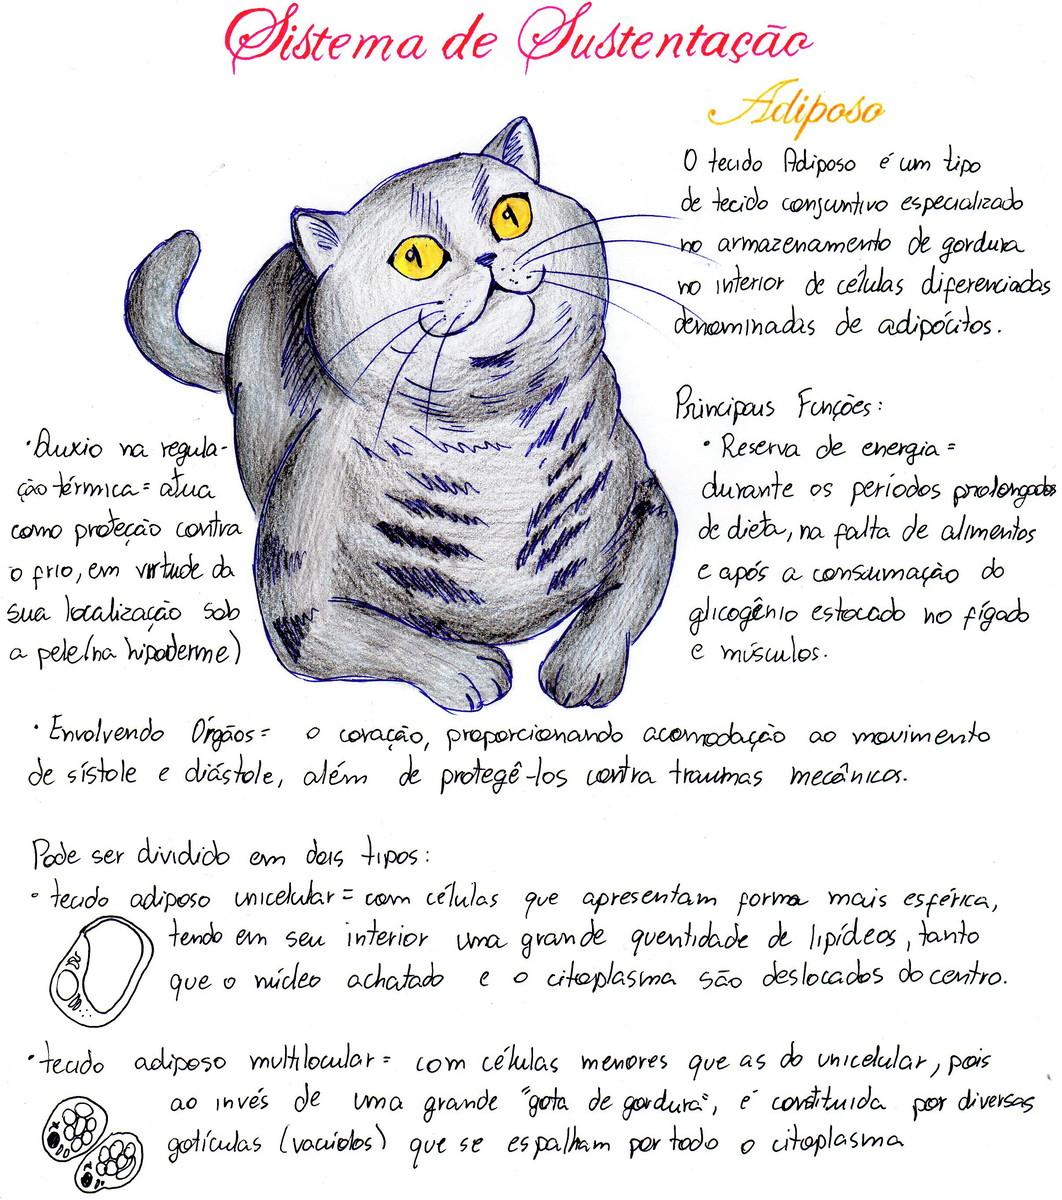 Desenhos Para O Seu Trabalho Academico No Elo7 Sfonsecan 11215de